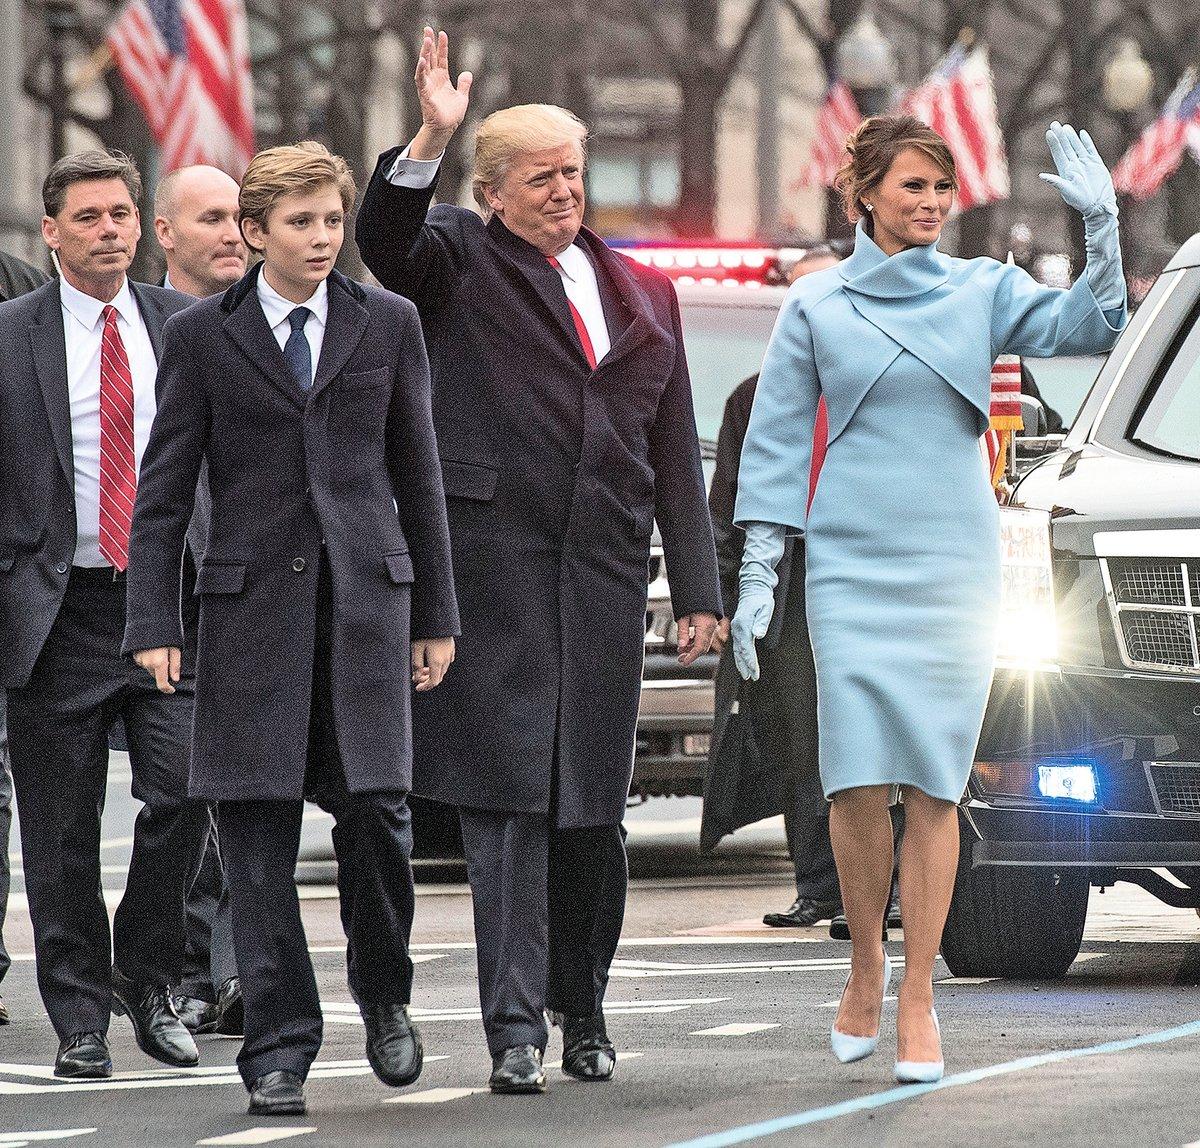 美國第一夫人梅拉尼婭(Melania Trump)在1999年接受美國廣播公司(ABC)的專訪時表示,她認為特朗普將來會競選總統,並成為一個偉大的領導人。圖為2017年1月20日,特朗普宣誓就任美國第45任總統之後,與梅拉尼婭和他們的小兒子巴倫(前排左)參加就職遊行。(Getty Images)